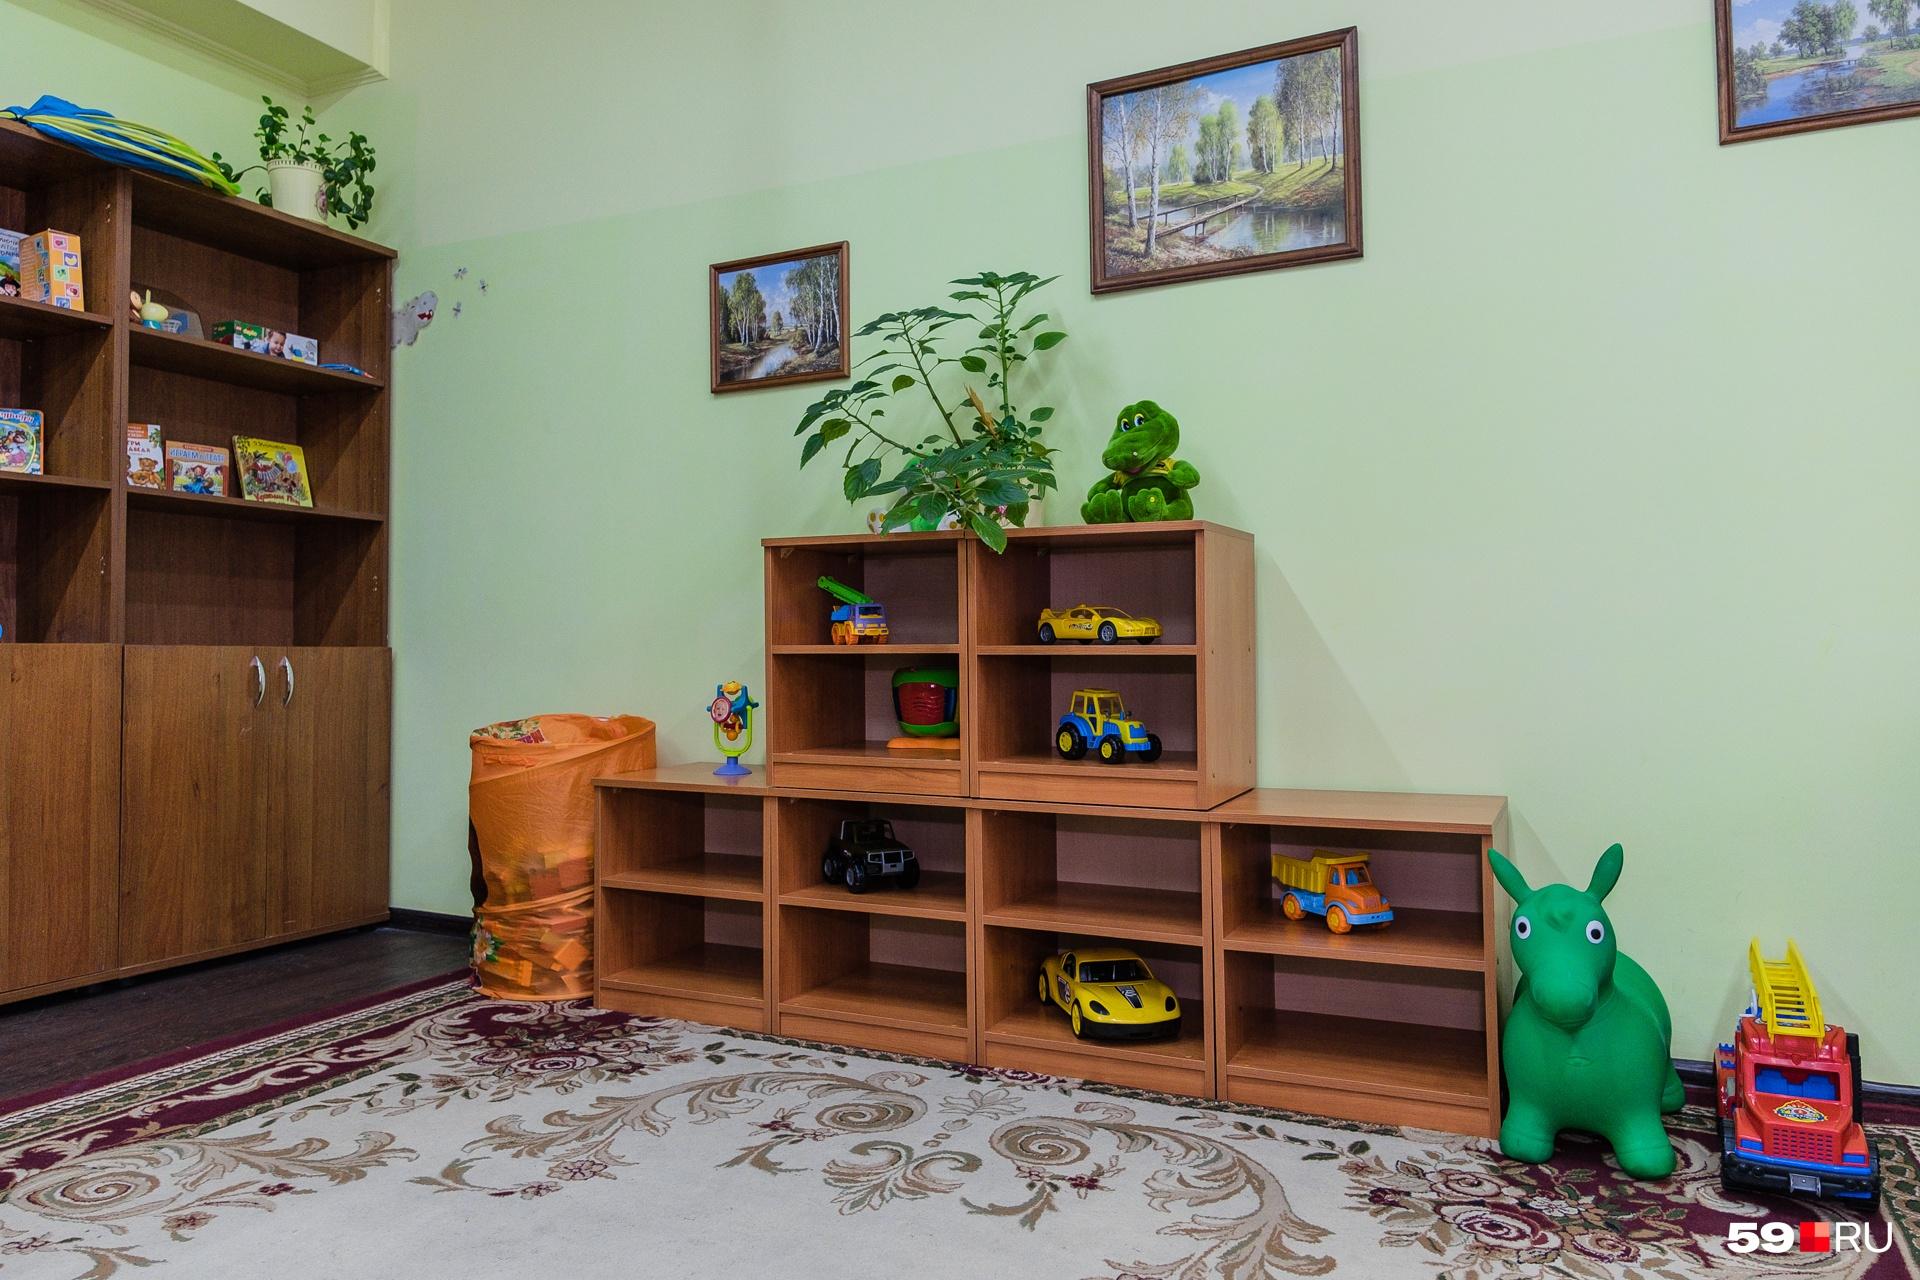 Здесь есть детская комната, в которой ребятишек можно оставить под присмотром воспитателя